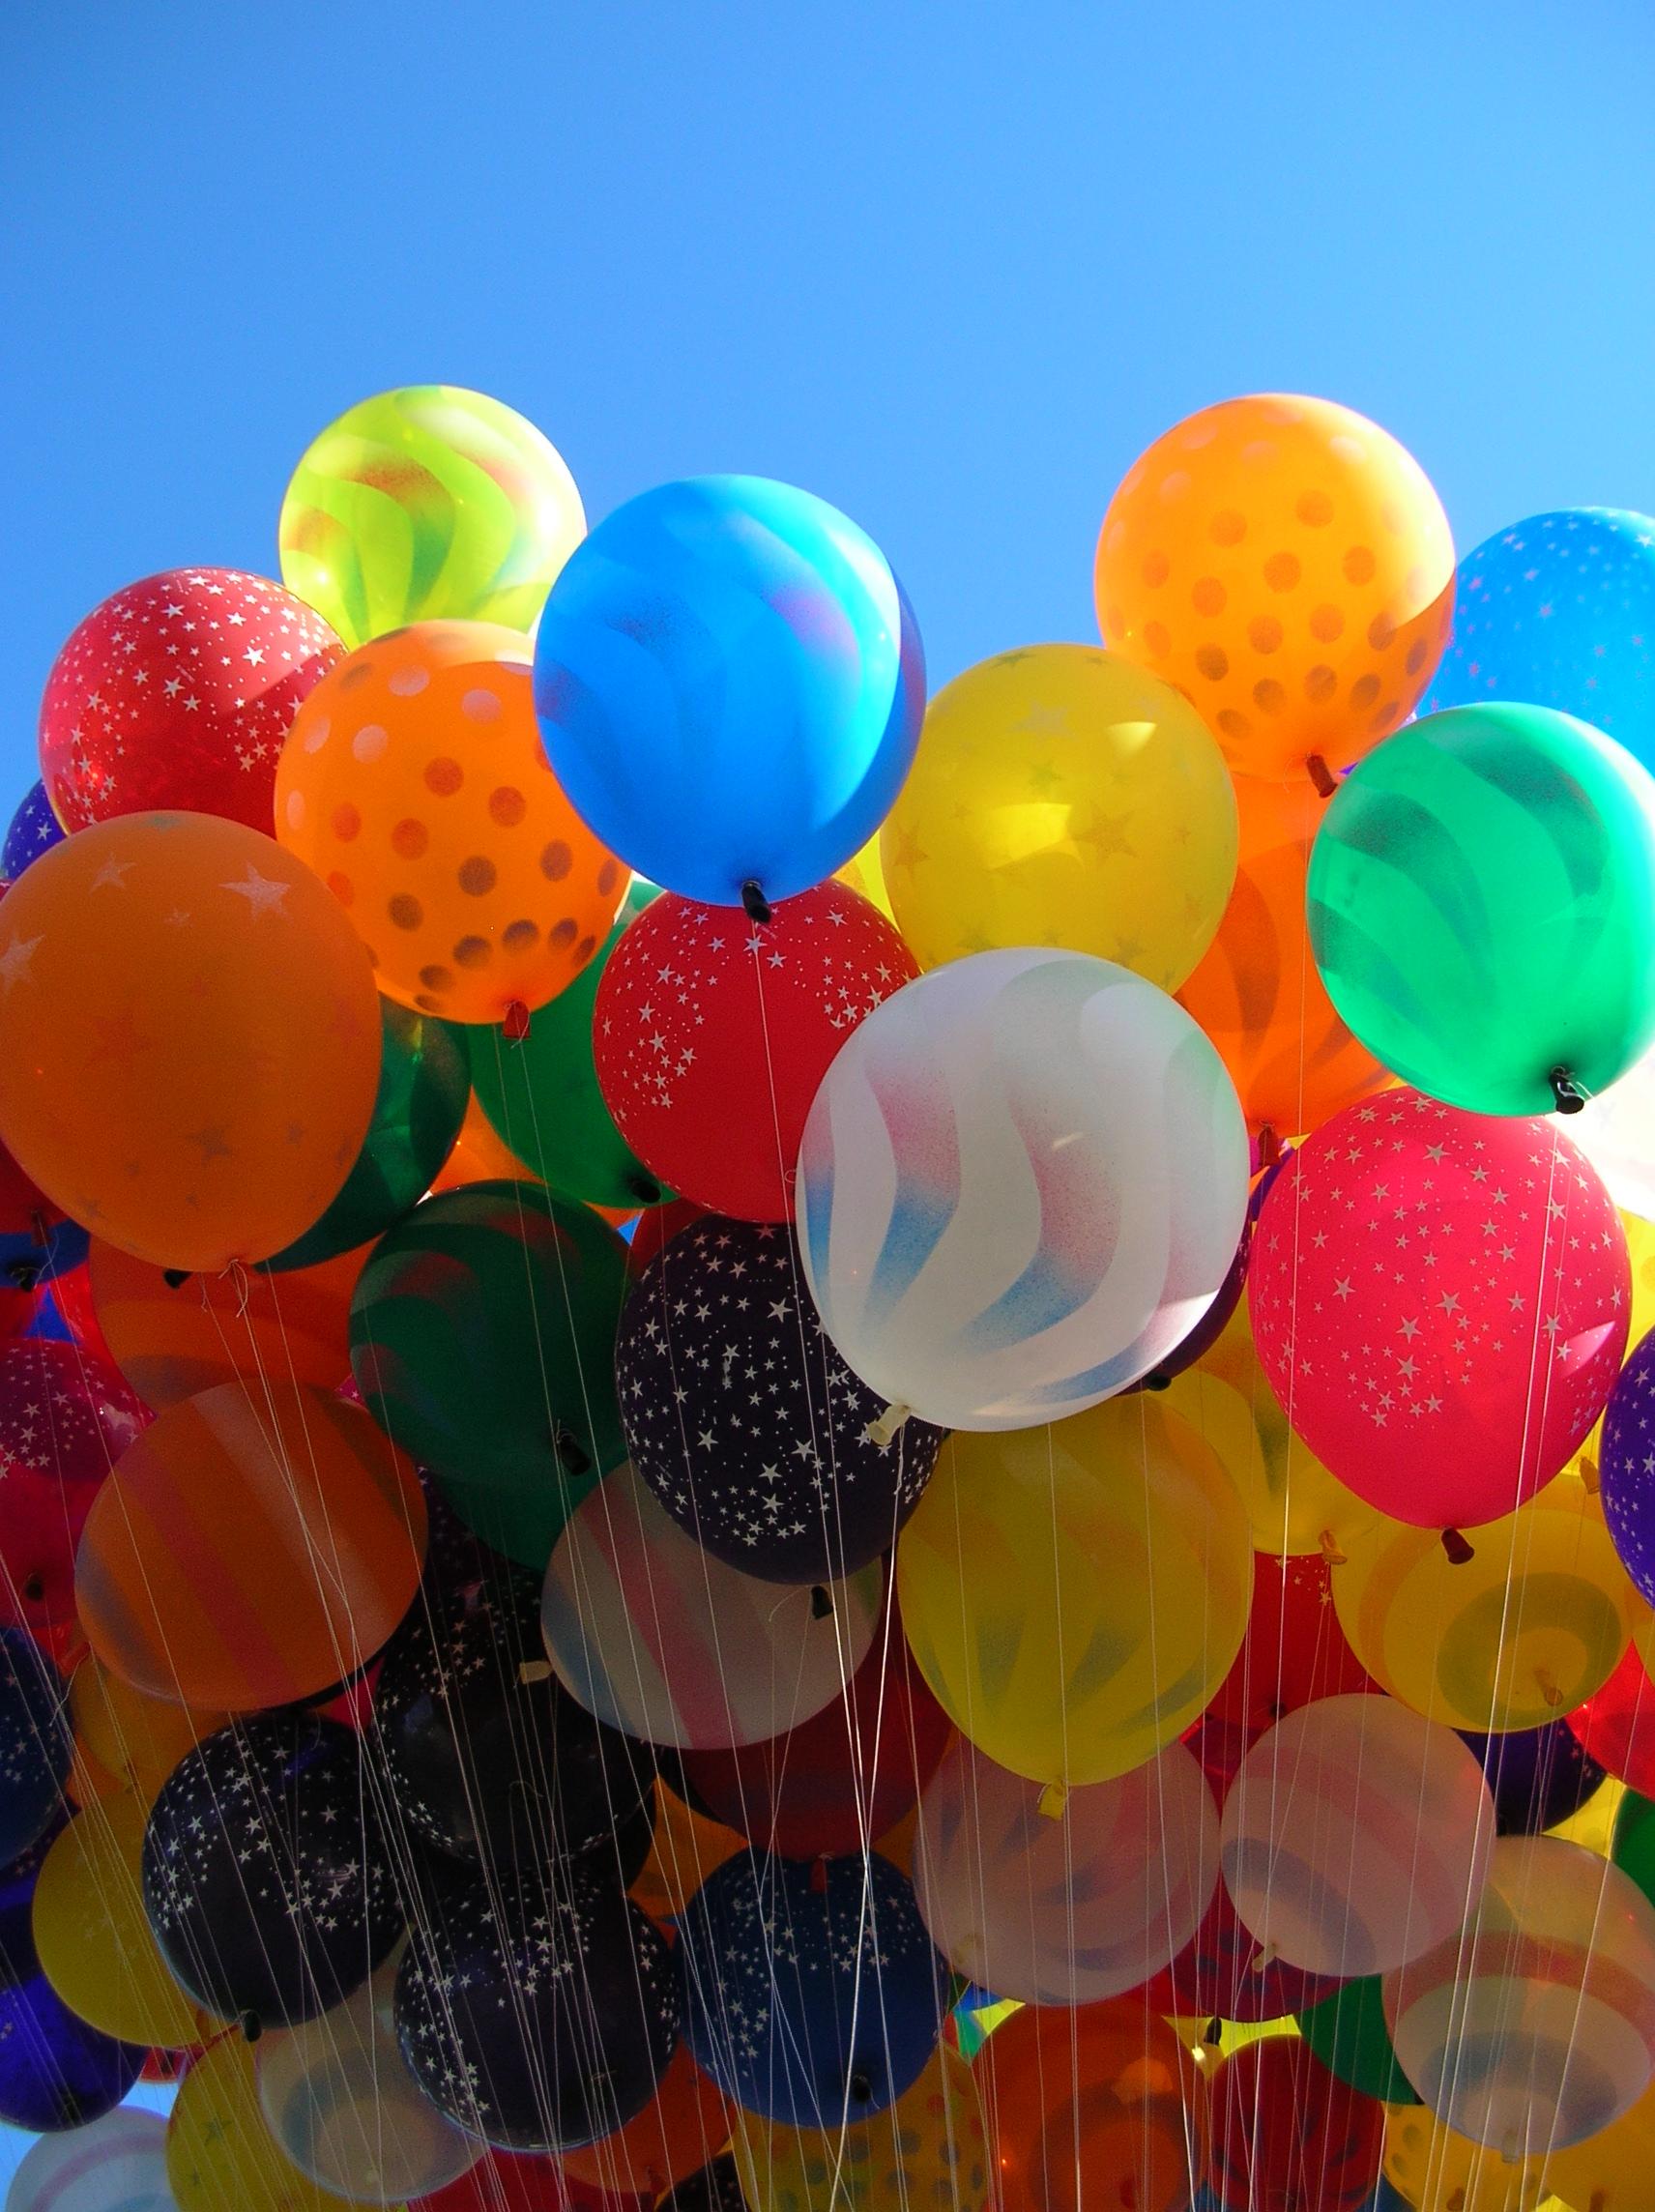 Воздушные шары картинка с днем рождения, любимой